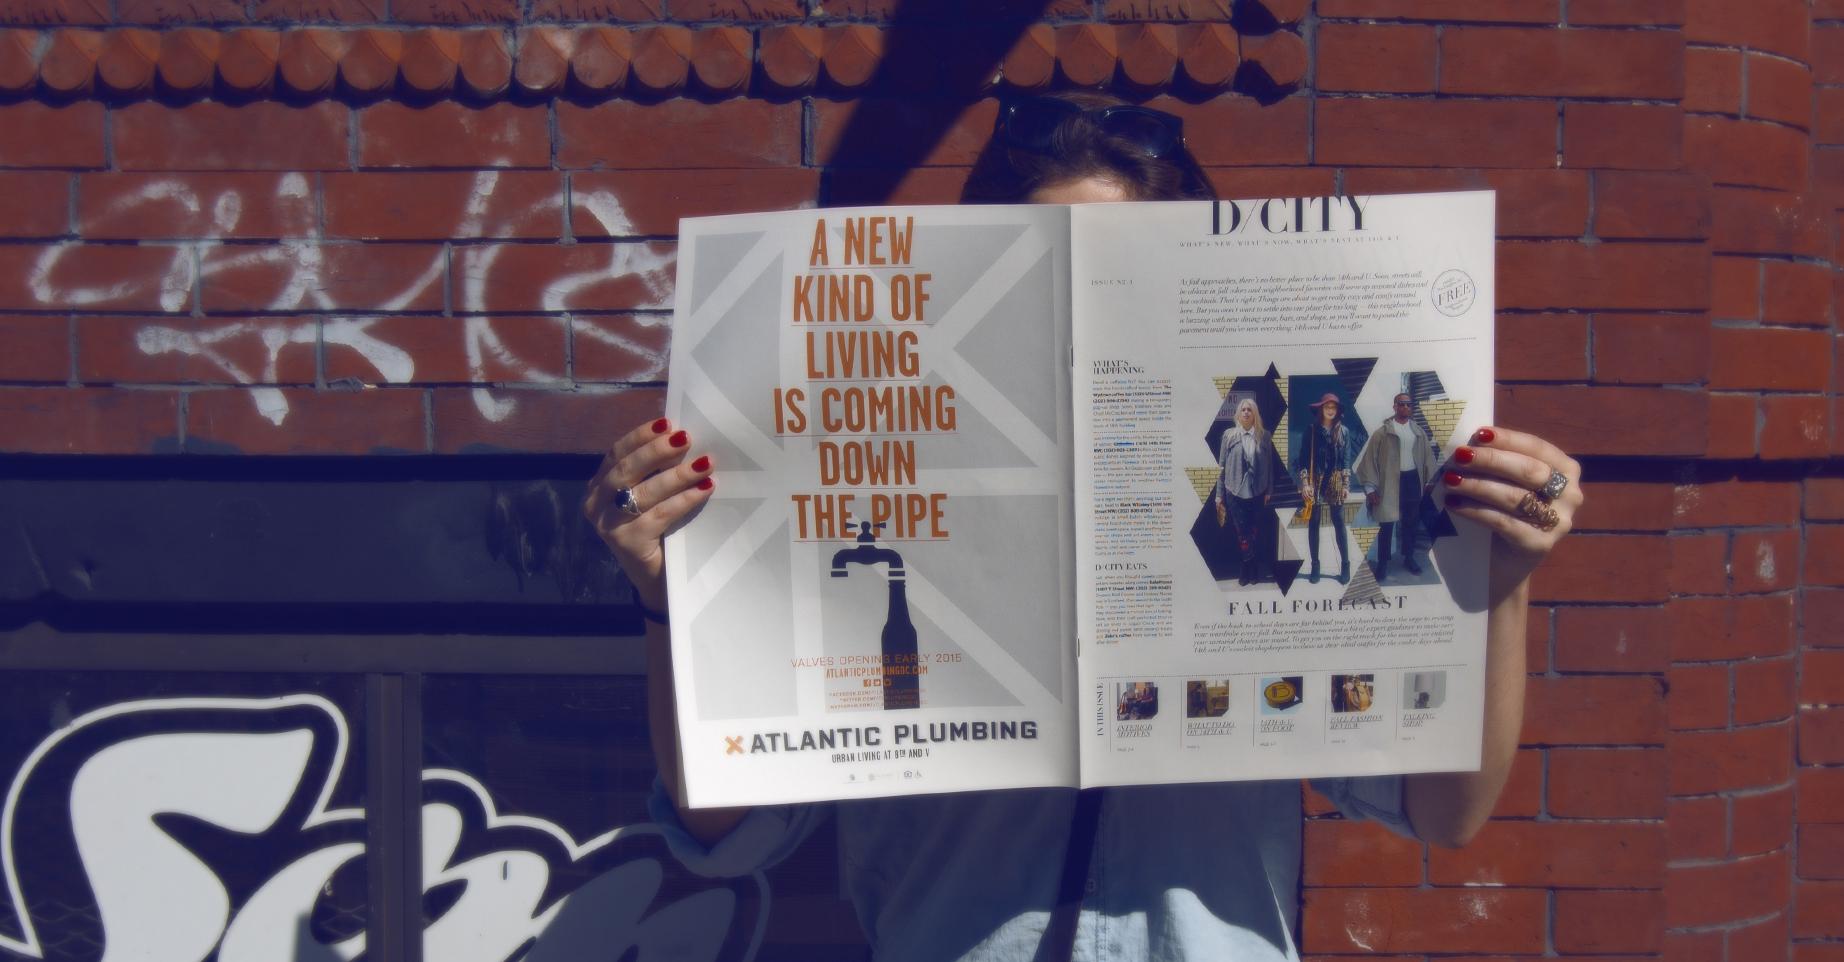 MOTLEY_DC-ALEX_f17.jpg